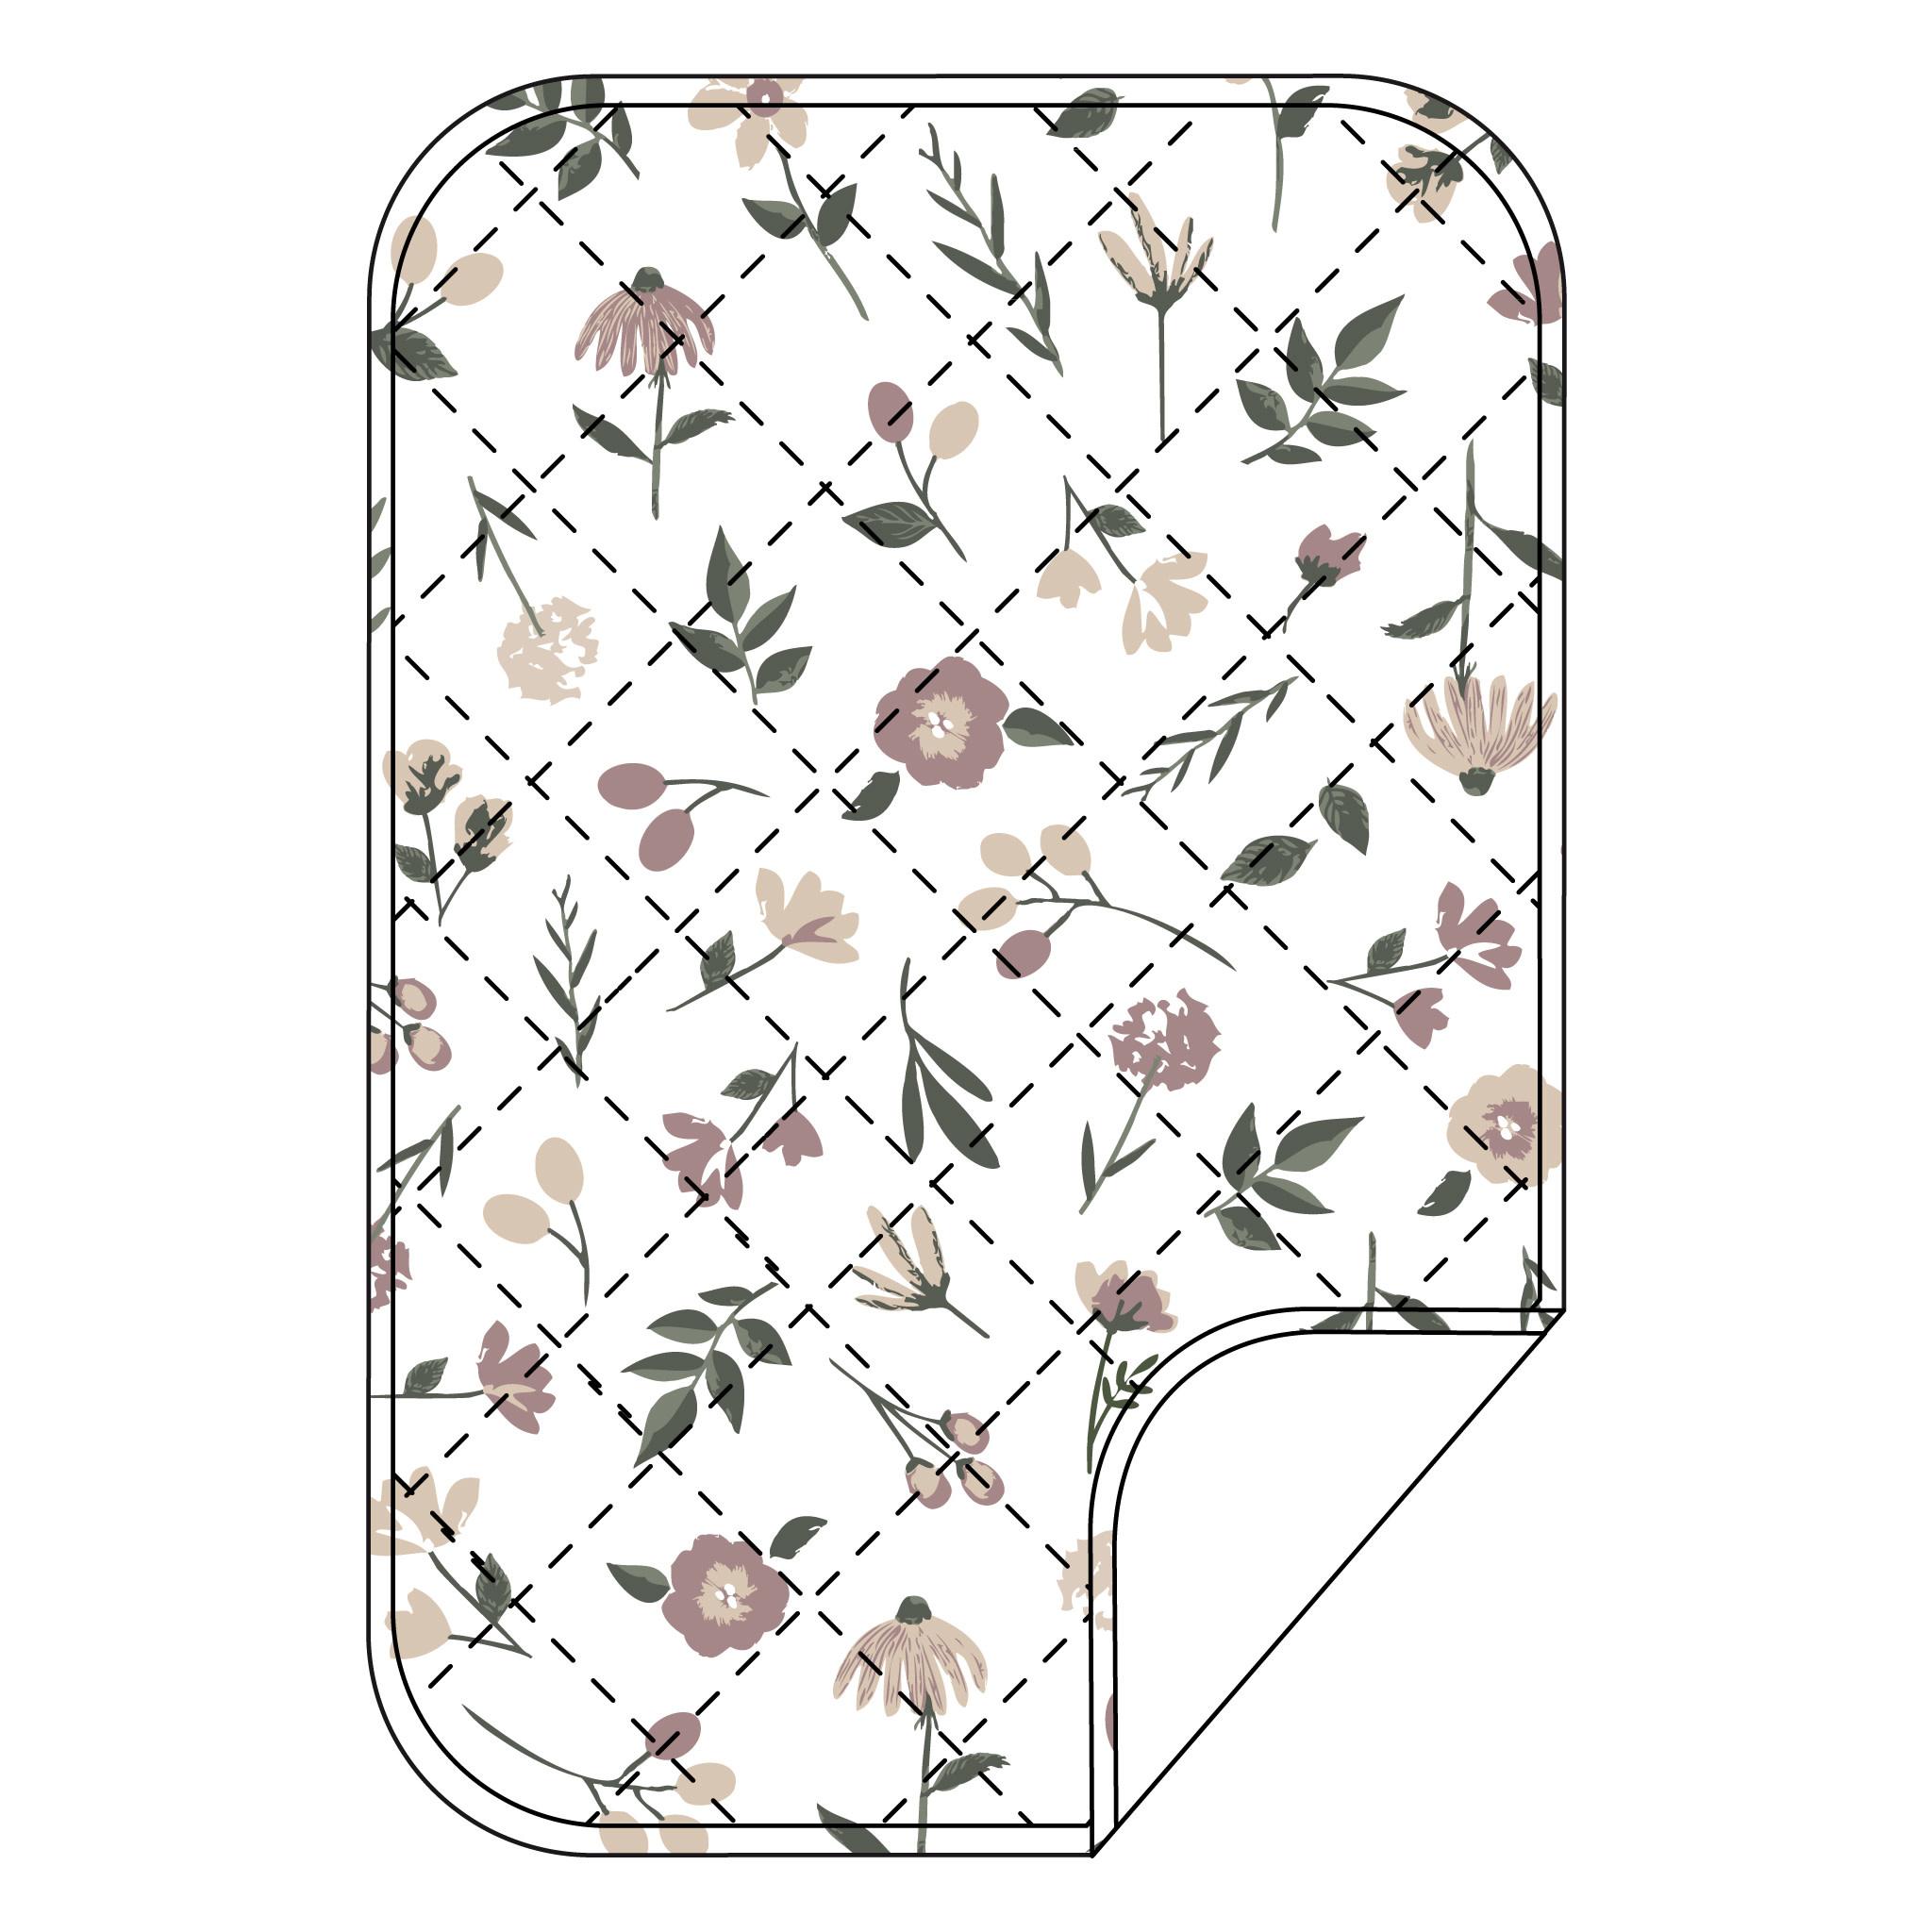 Piqué imperméable en coton - Floral-1